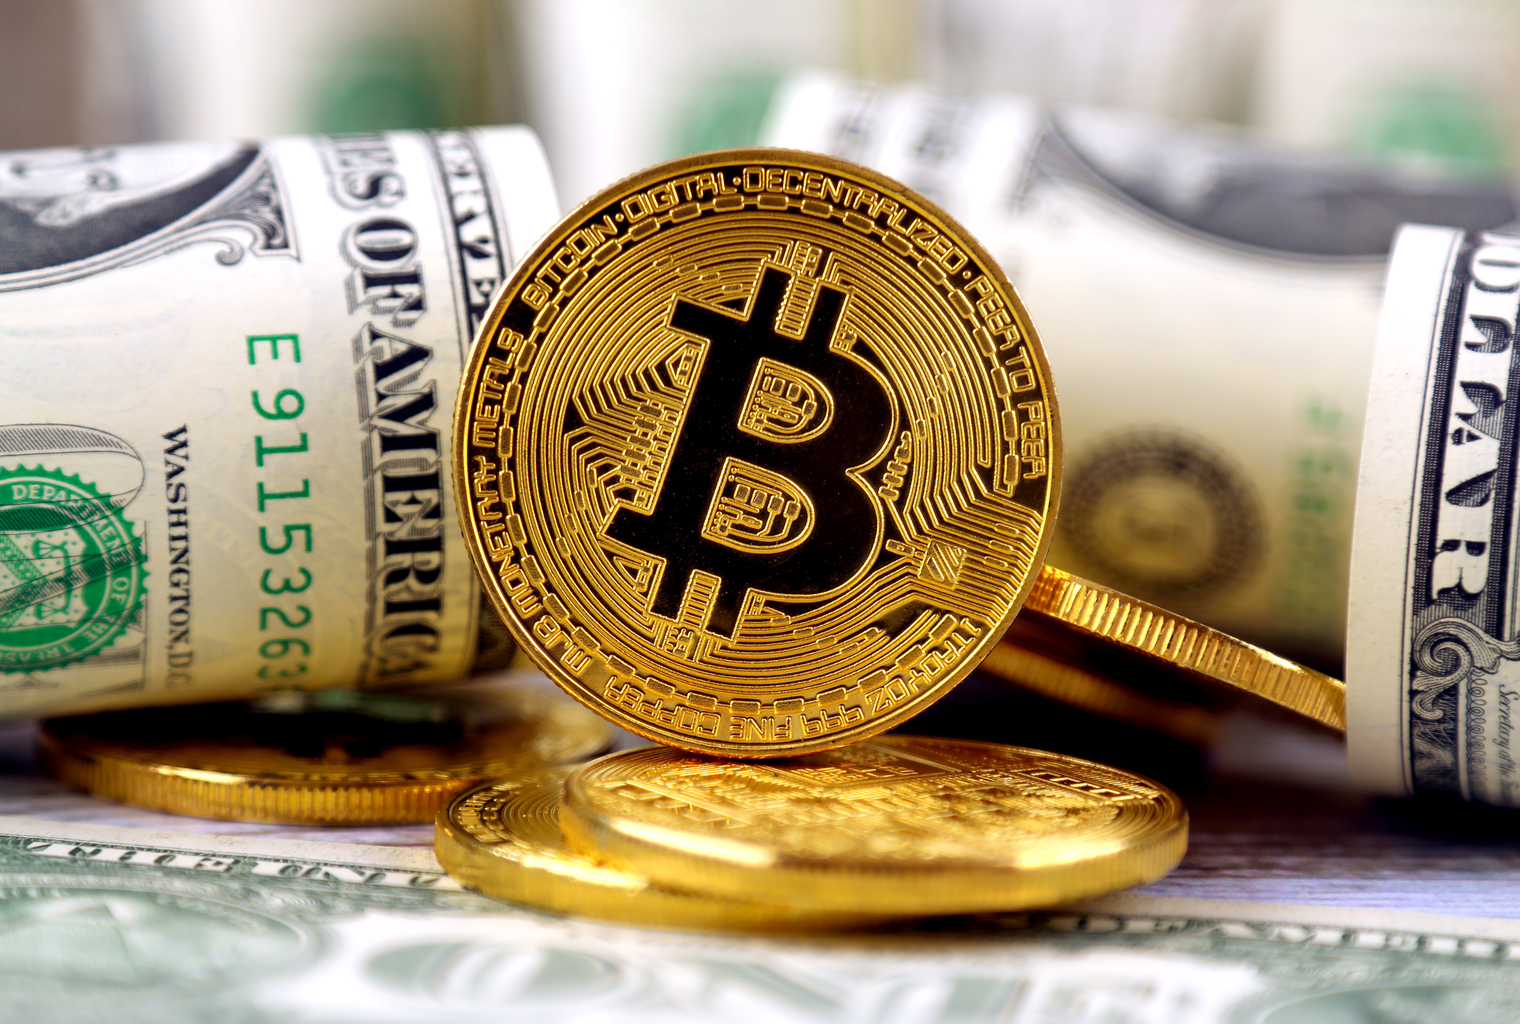 Historia de Bitcoin Parte 20: BTC alcanza $ 1